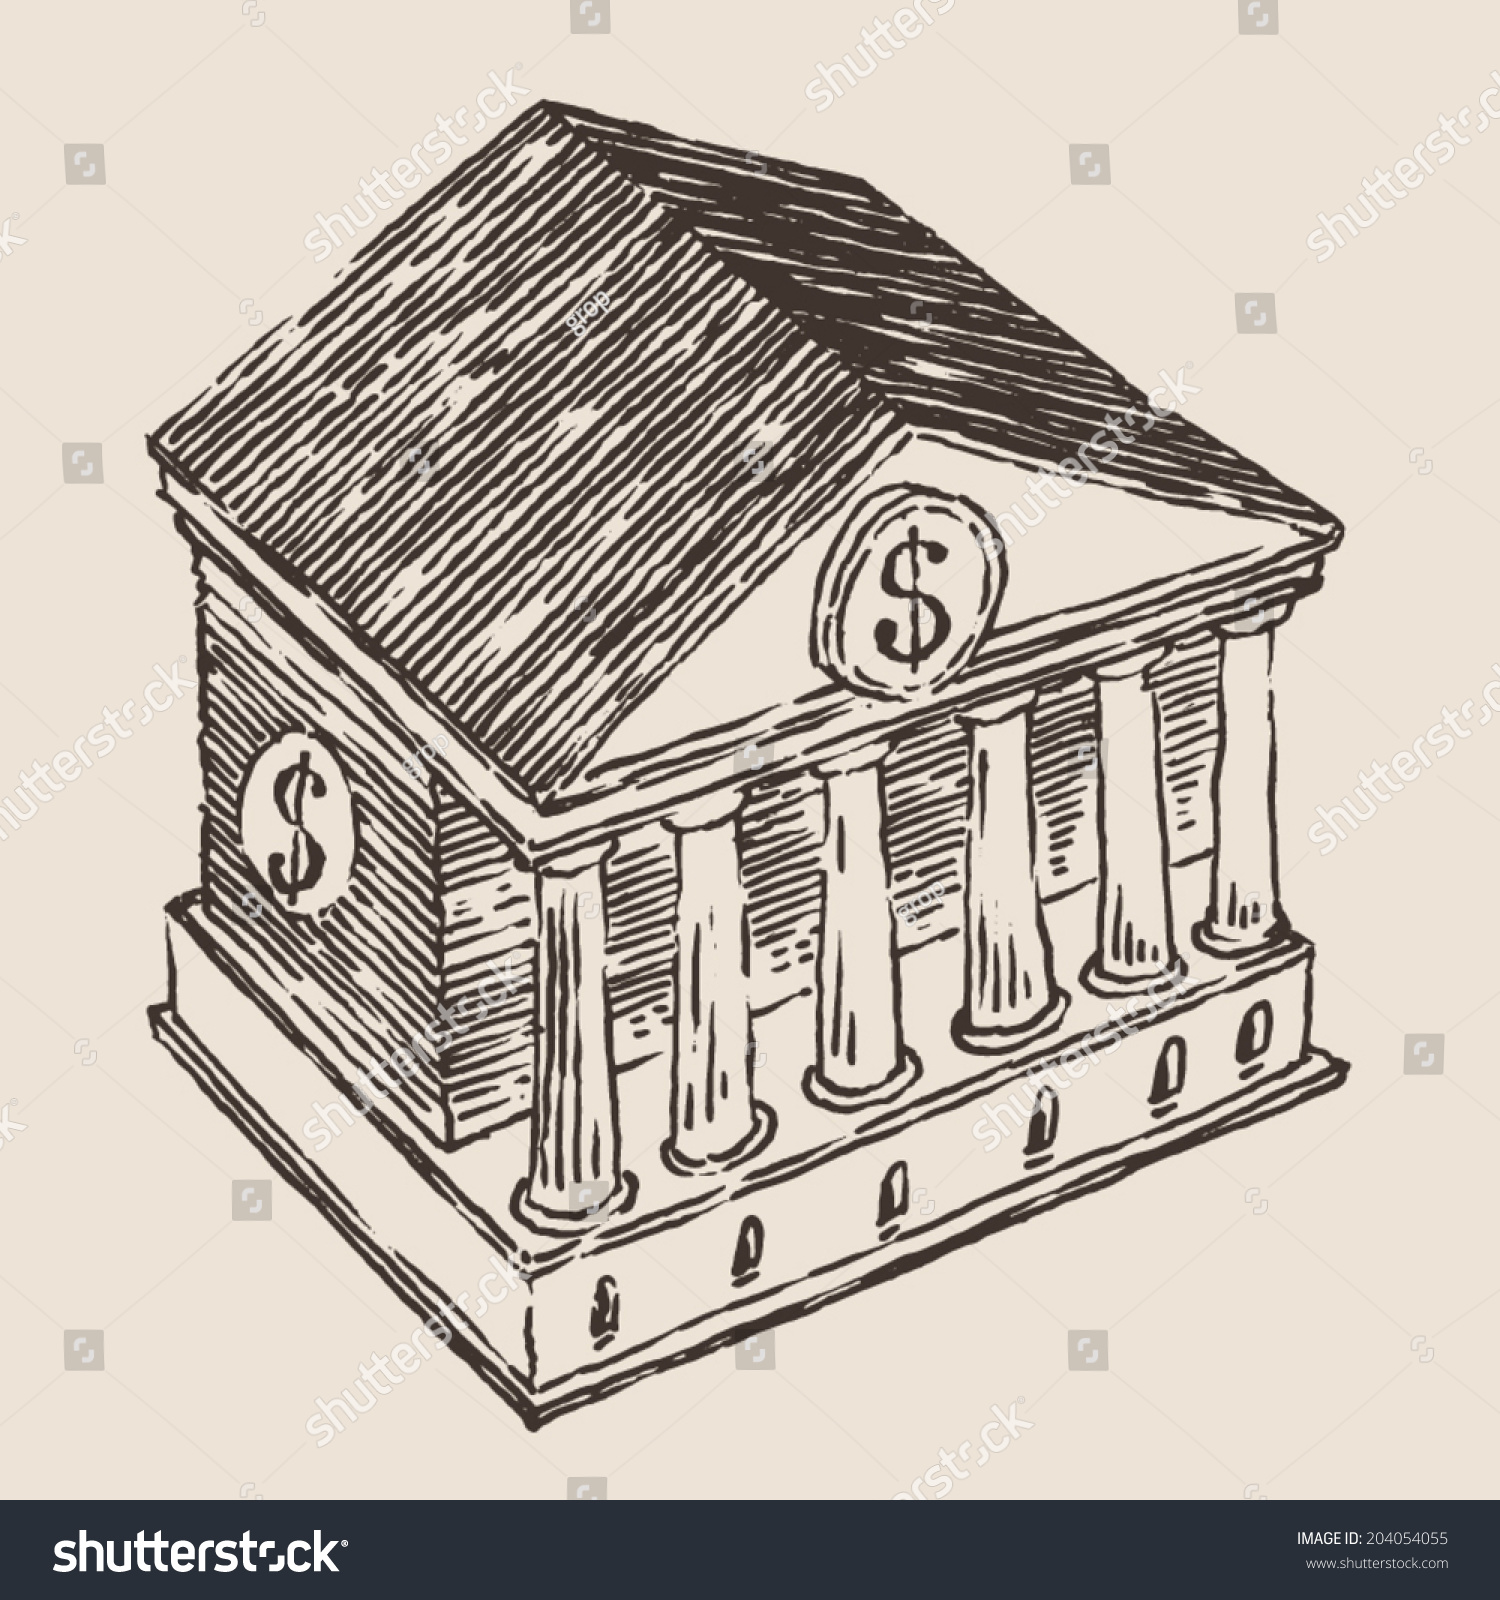 银行大楼,刻图,手绘草图-建筑物/地标,商业/金融-海洛